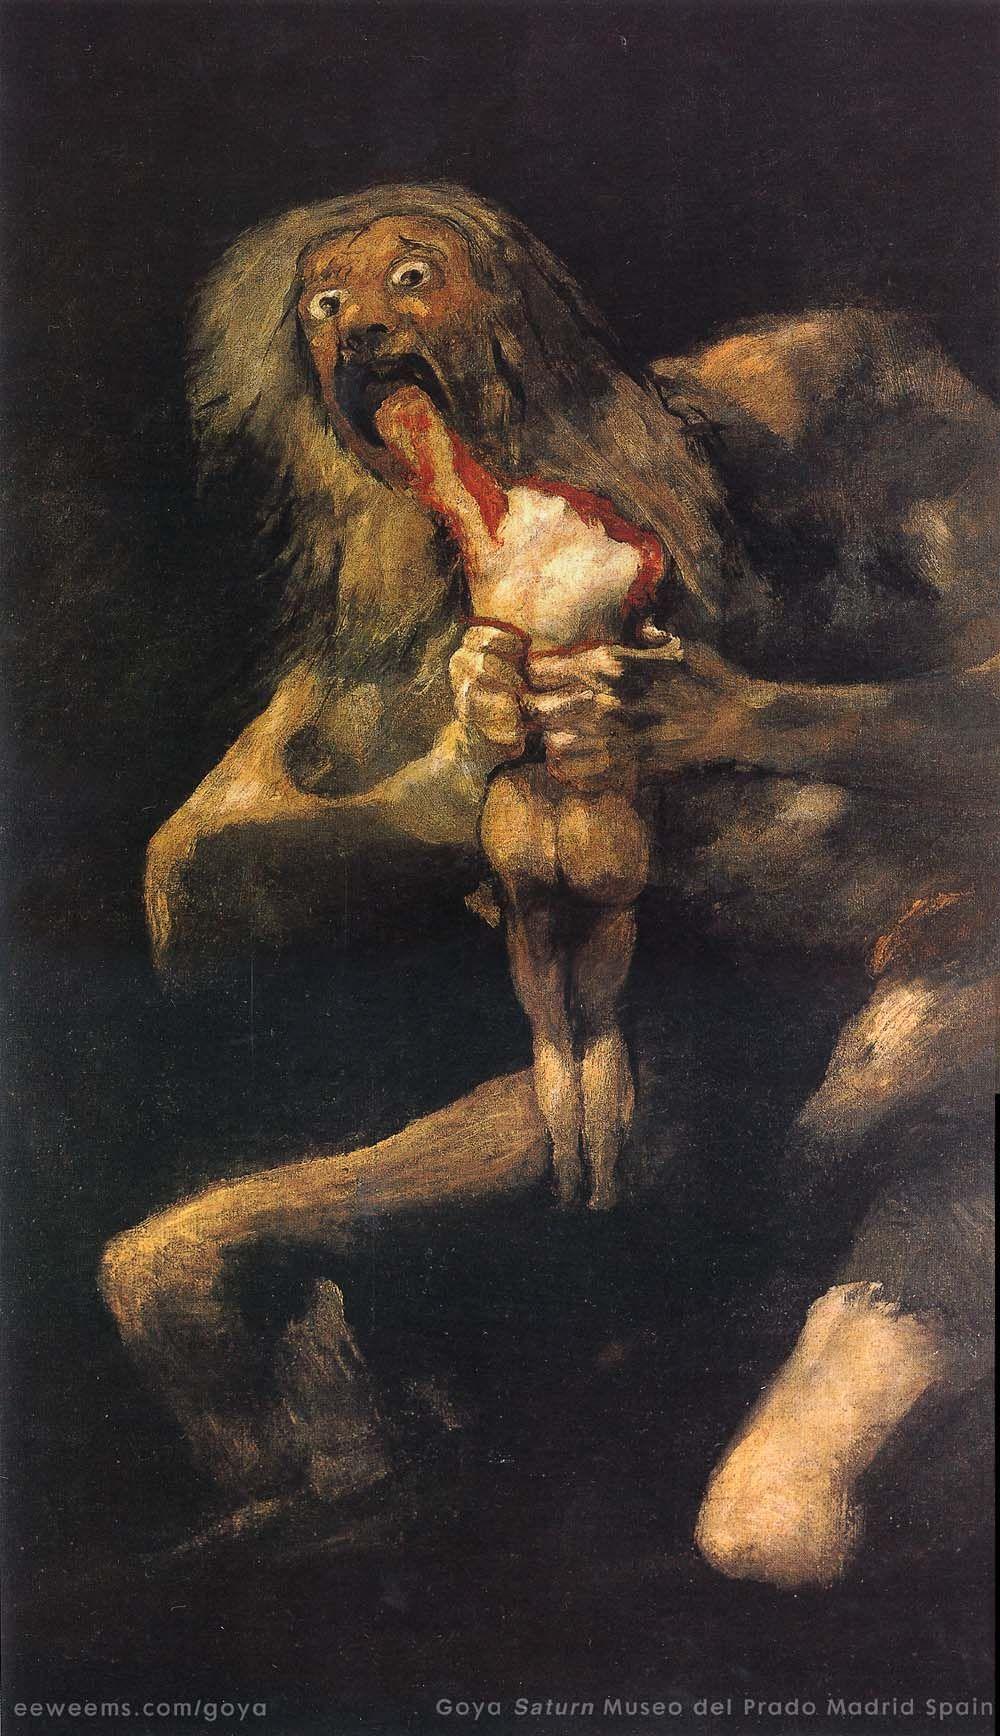 Goya-Saturno